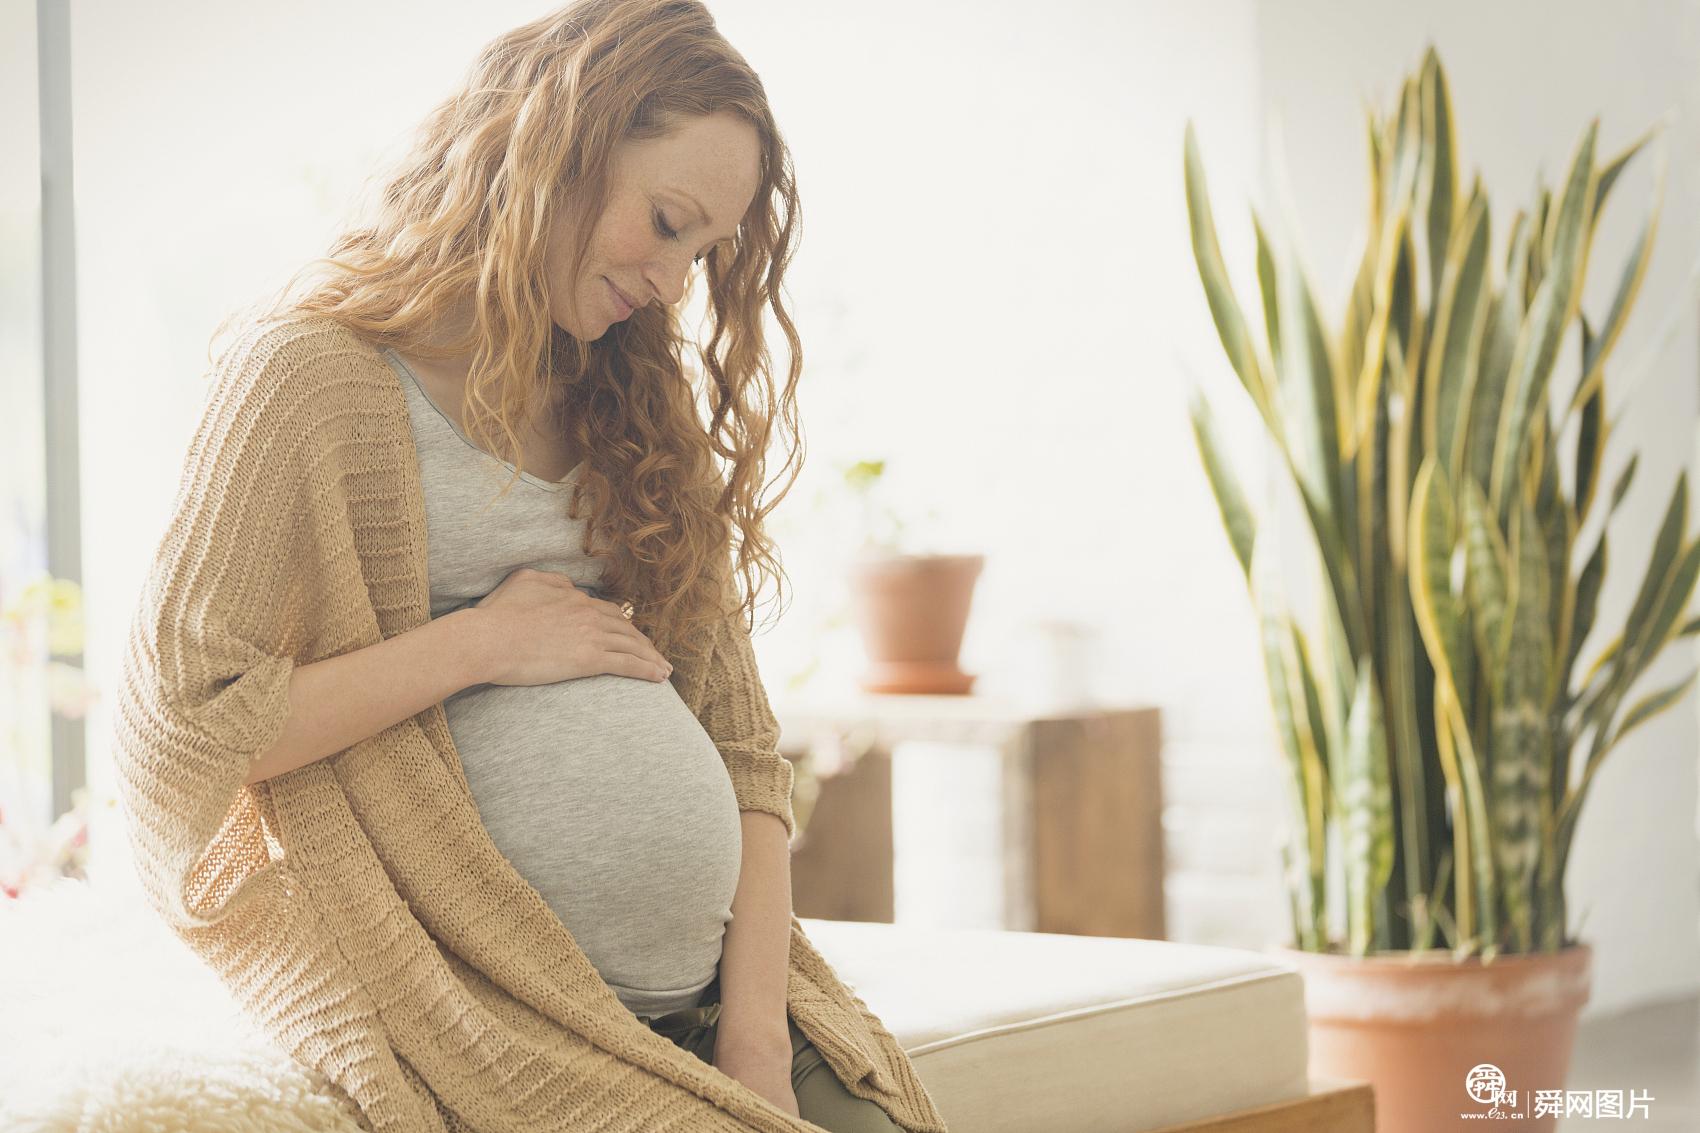 高龄孕妇需警惕胎停育偷袭